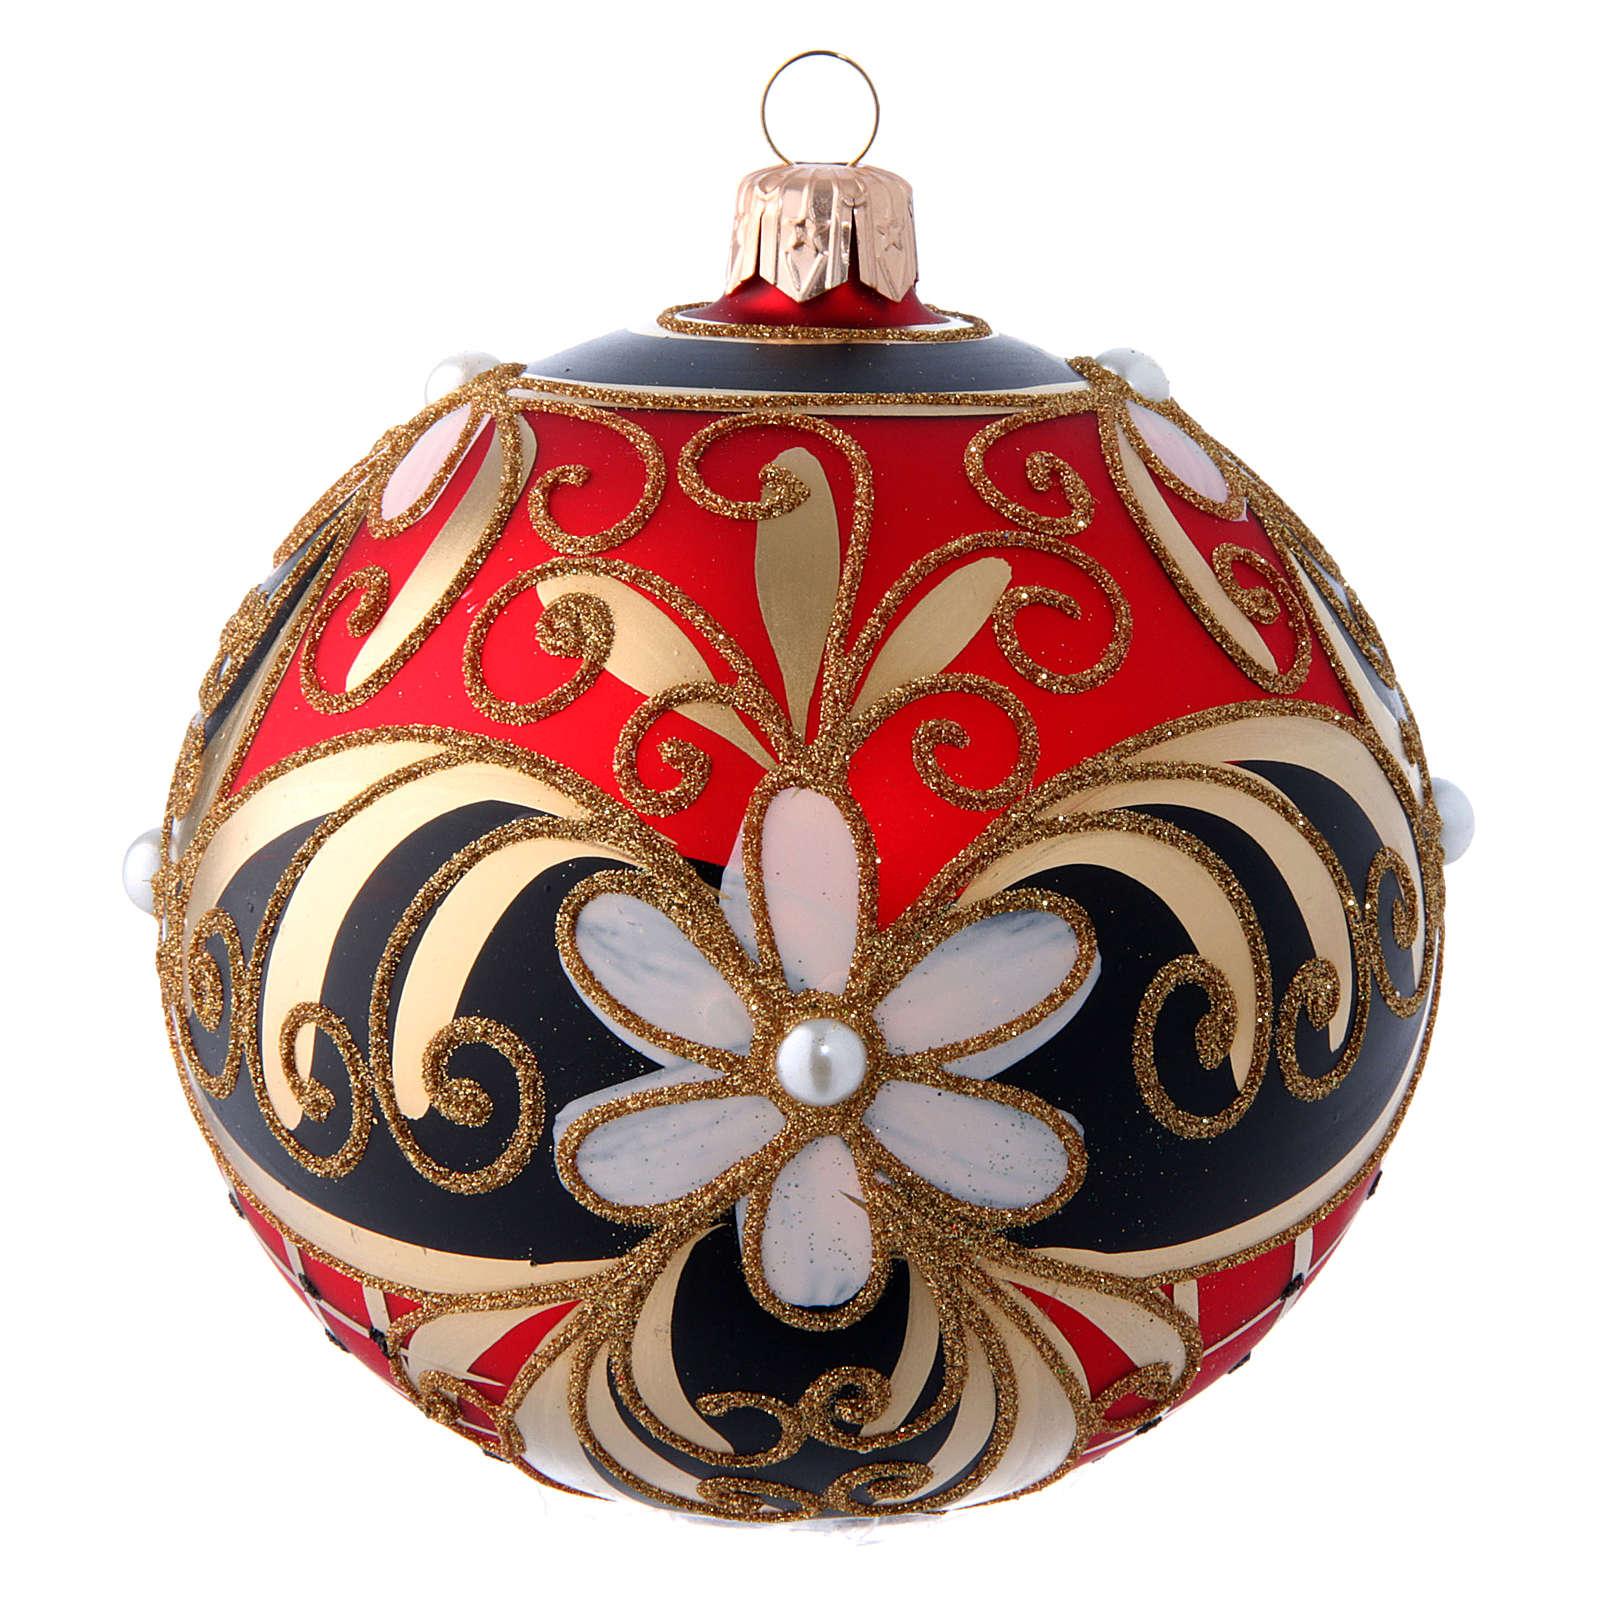 Pallina vetro soffiato decoro floreale rosso nero oro 100 mm 4